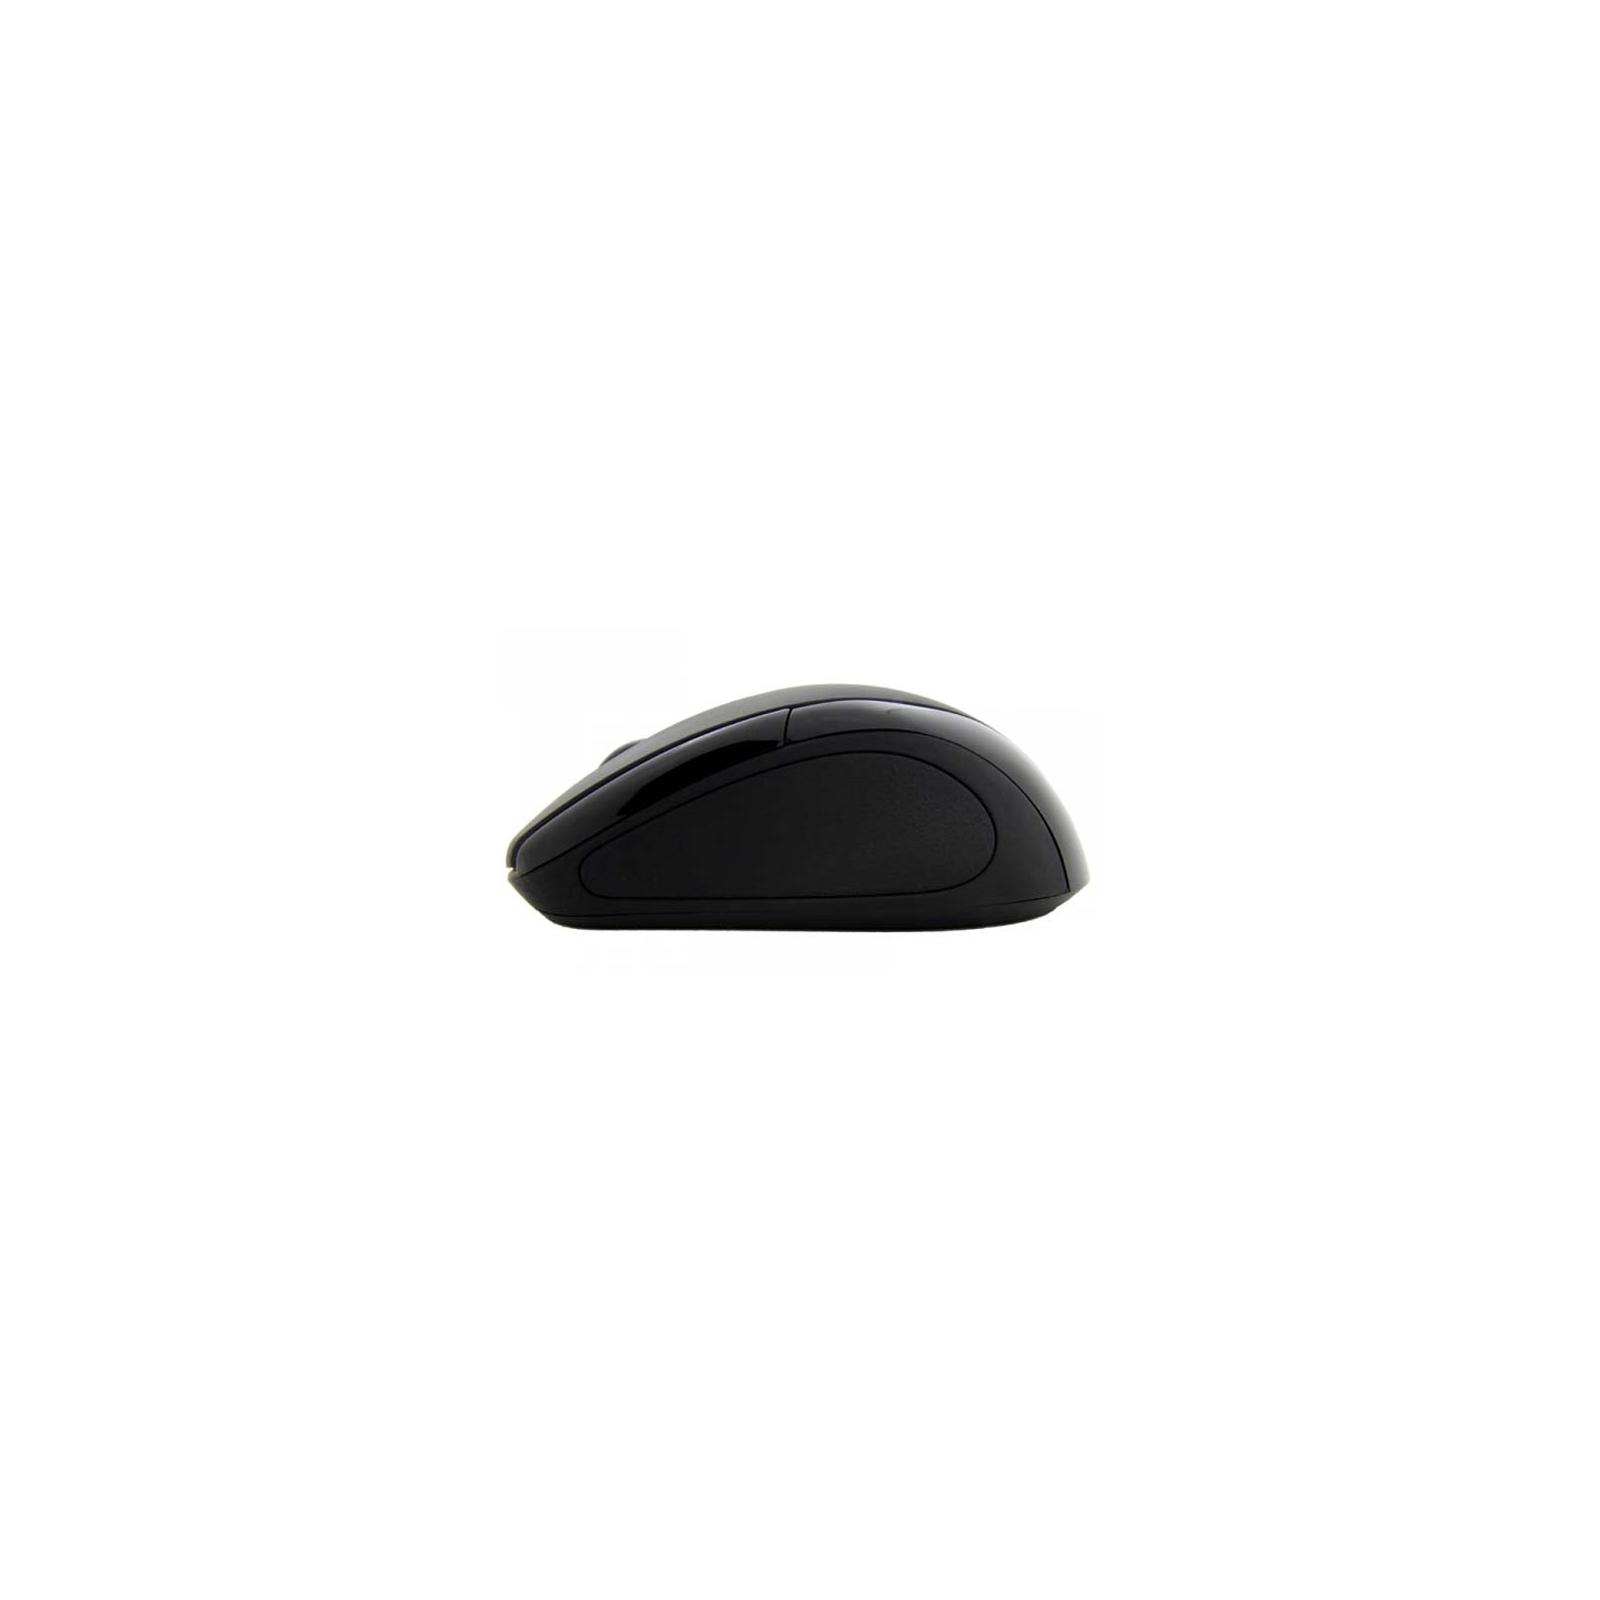 Мышка Esperanza EM101K Black изображение 3